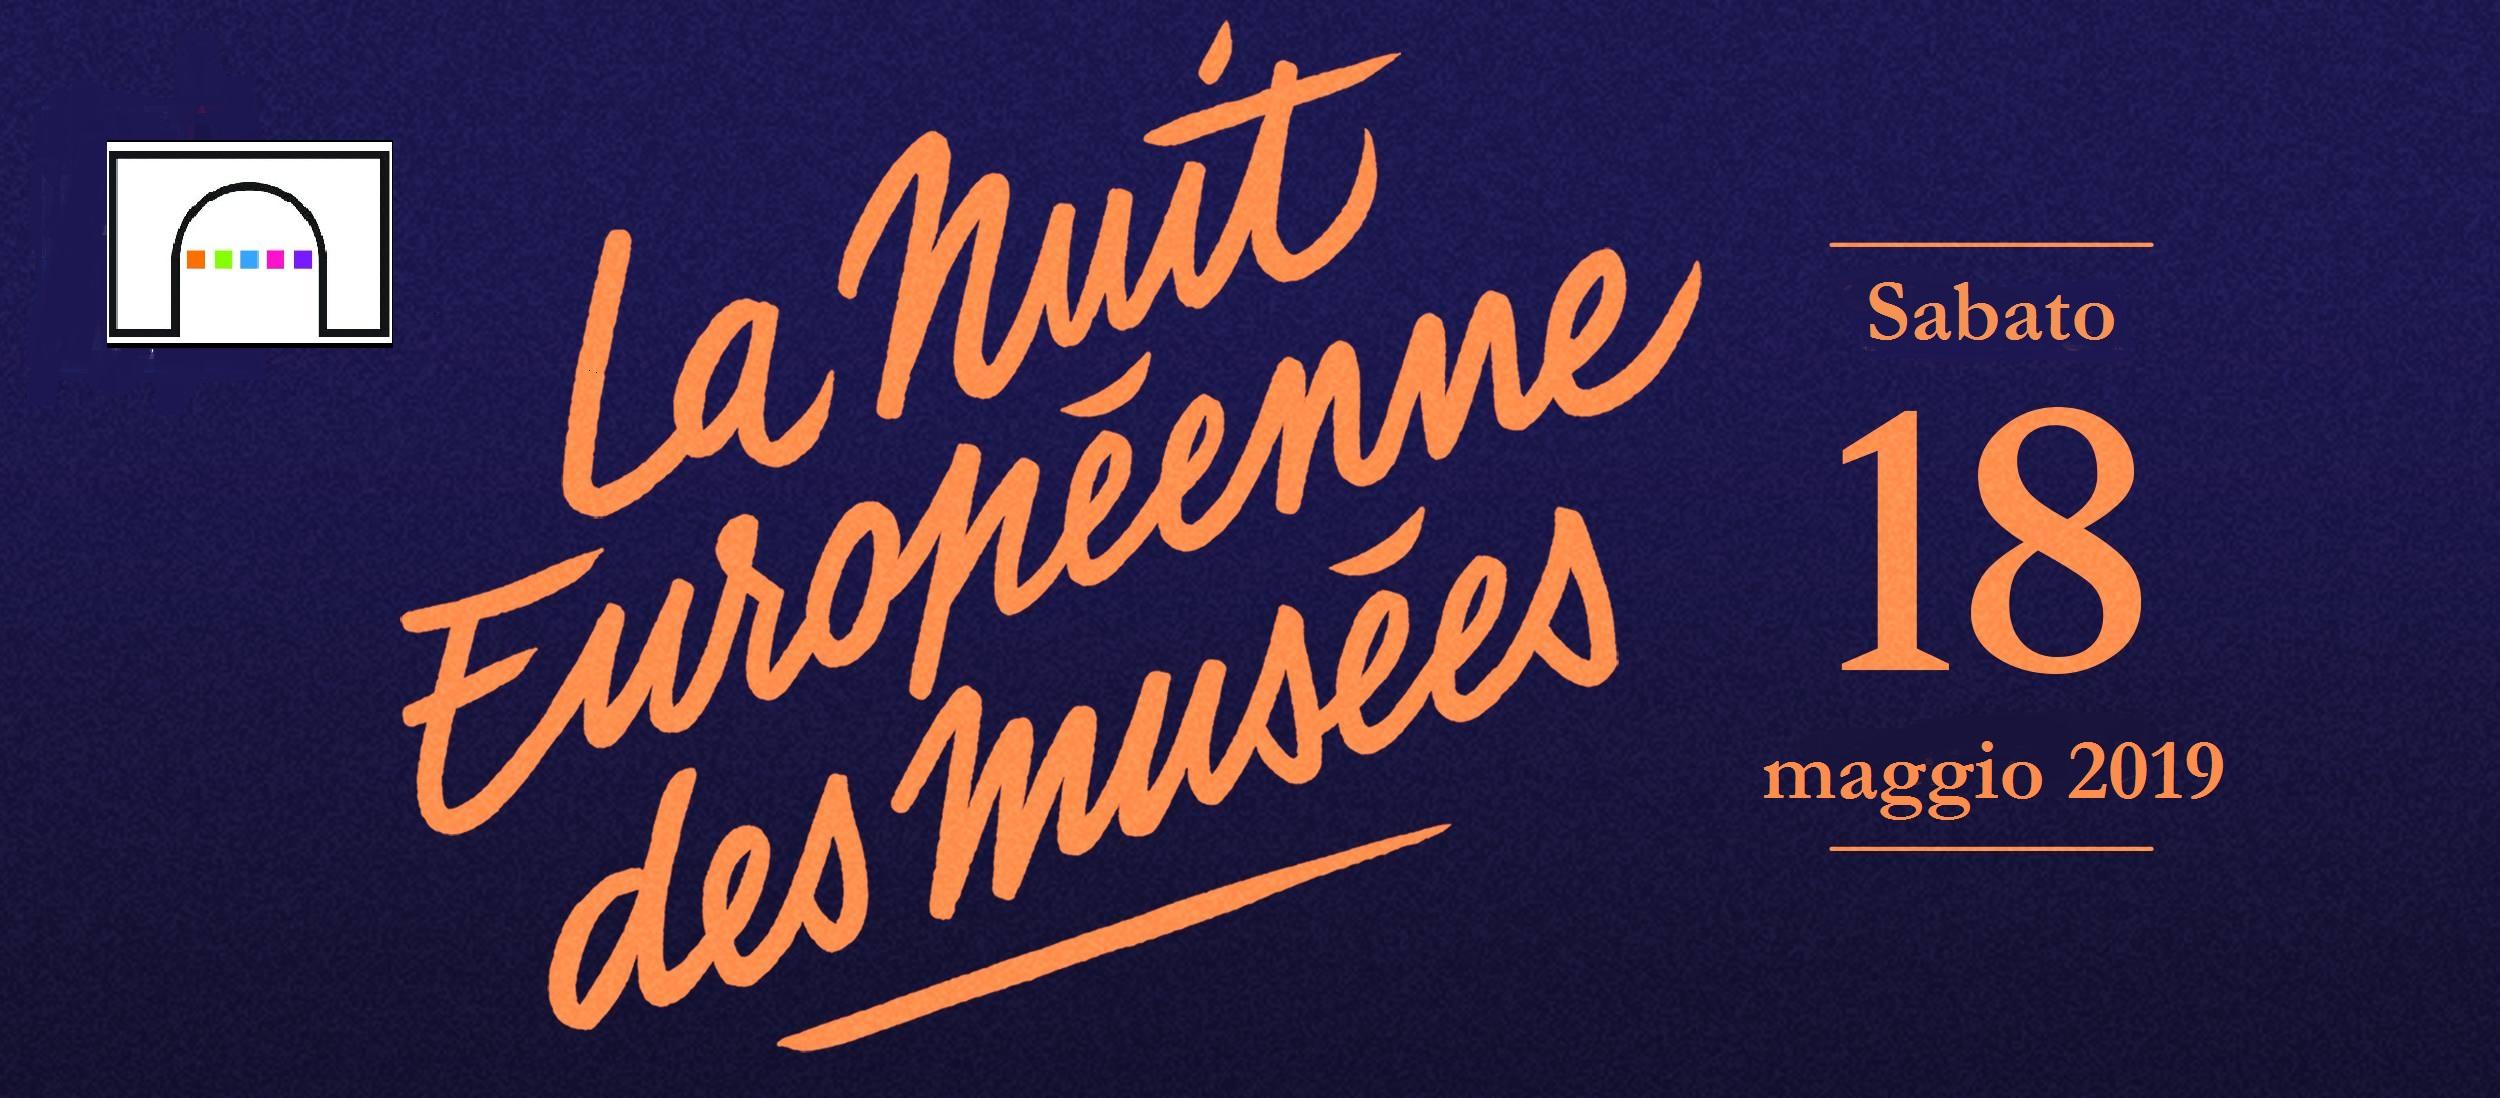 2019_Notte_musei-altovicentino